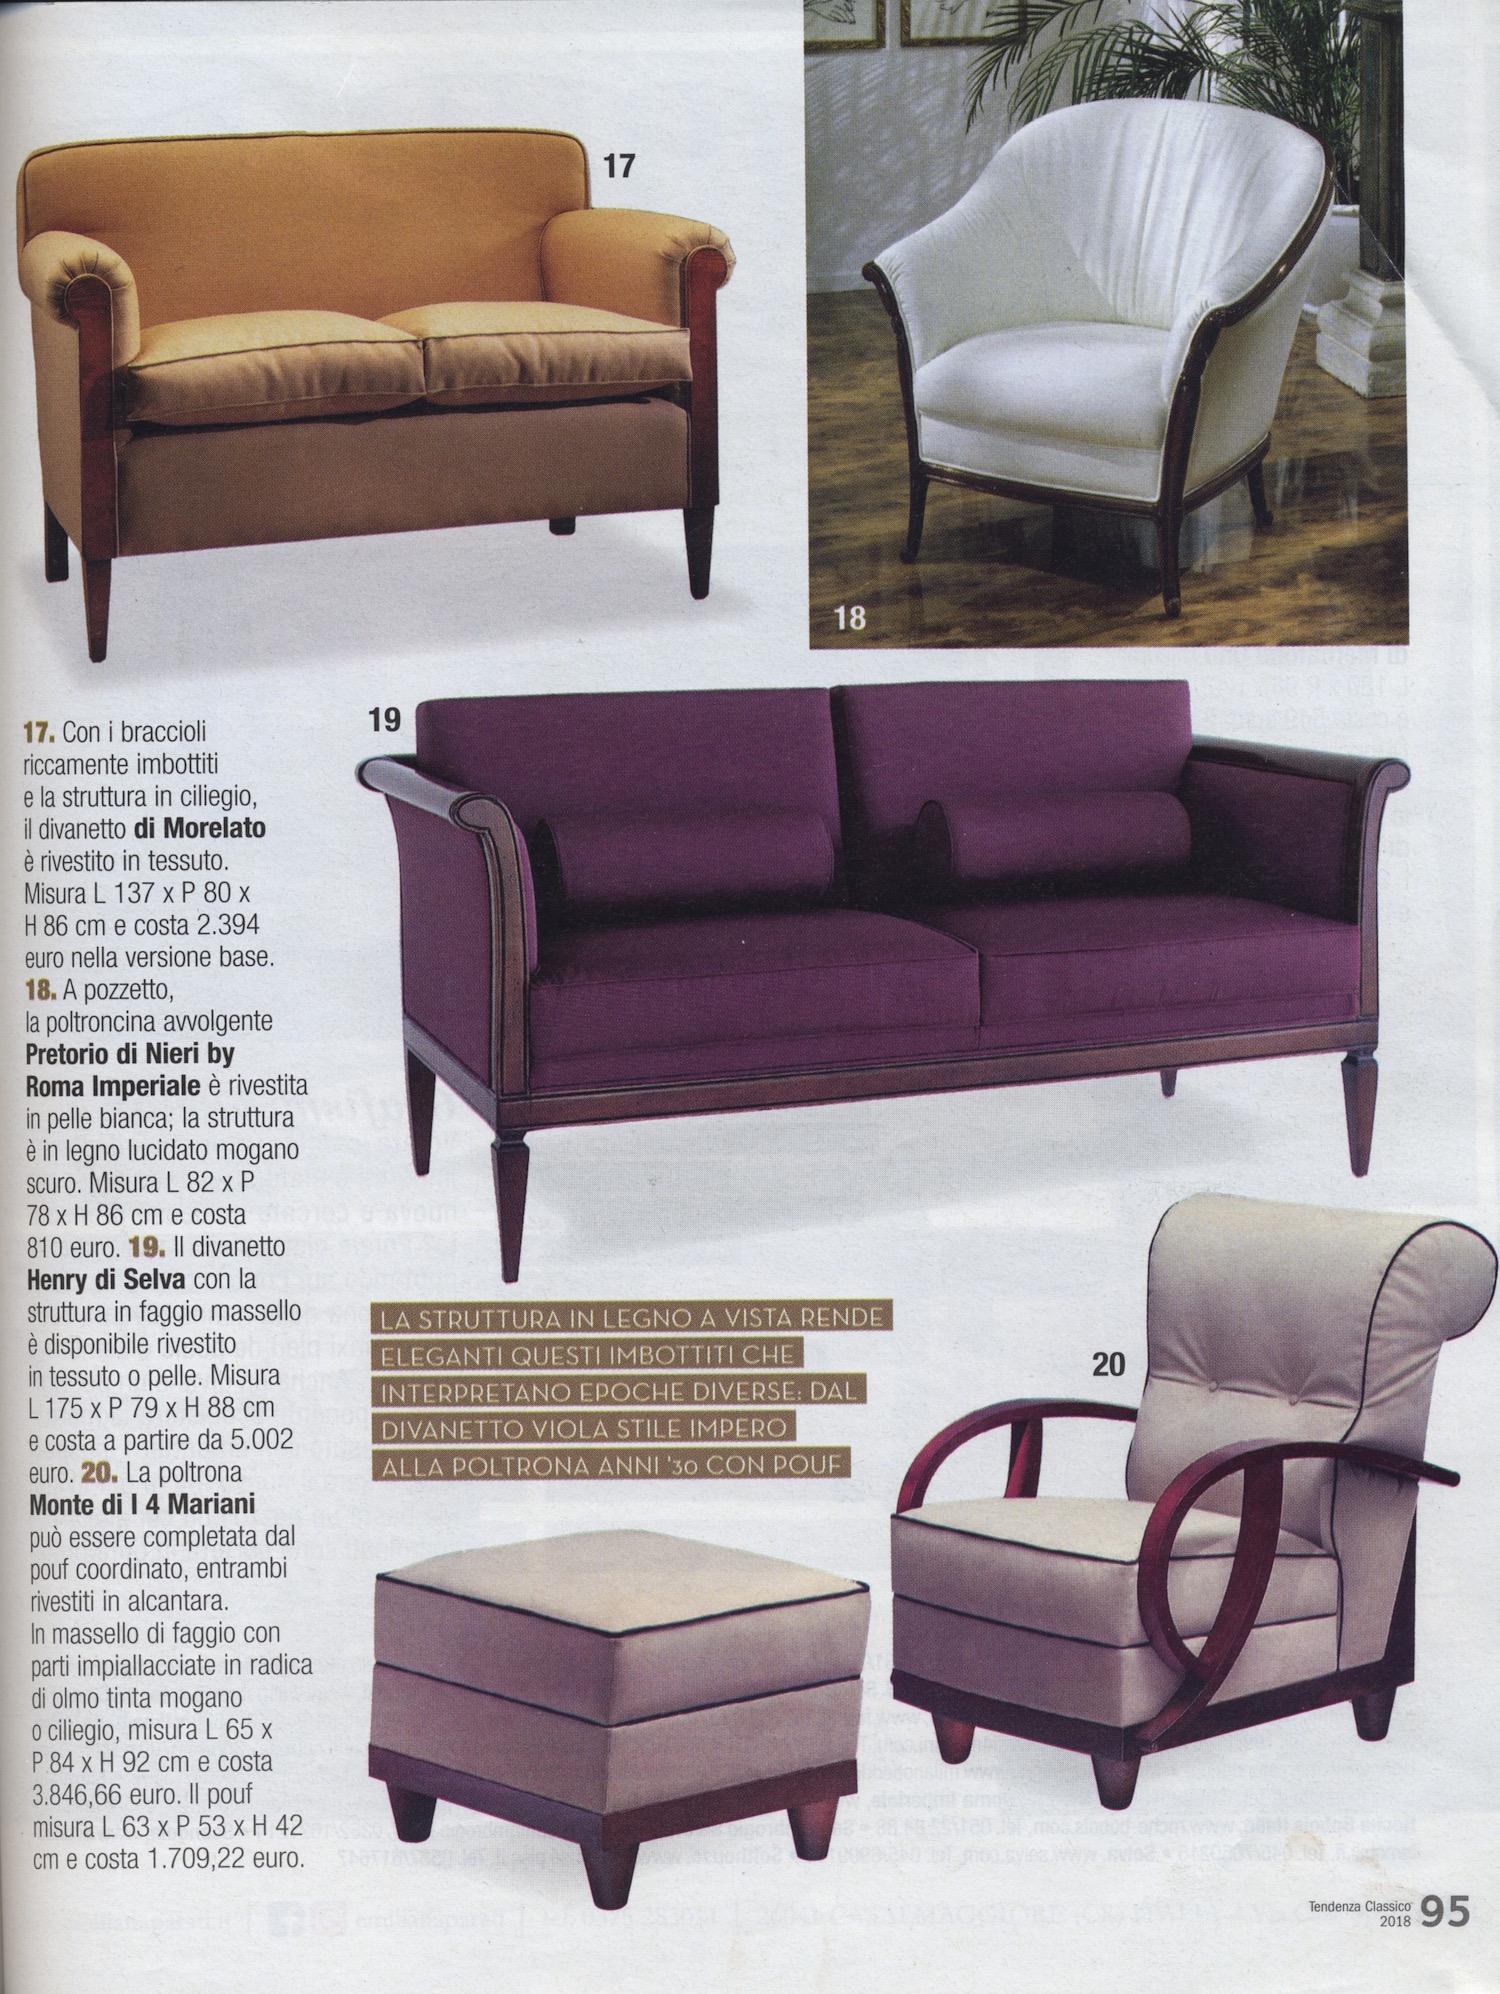 selva timeless news press press. Black Bedroom Furniture Sets. Home Design Ideas